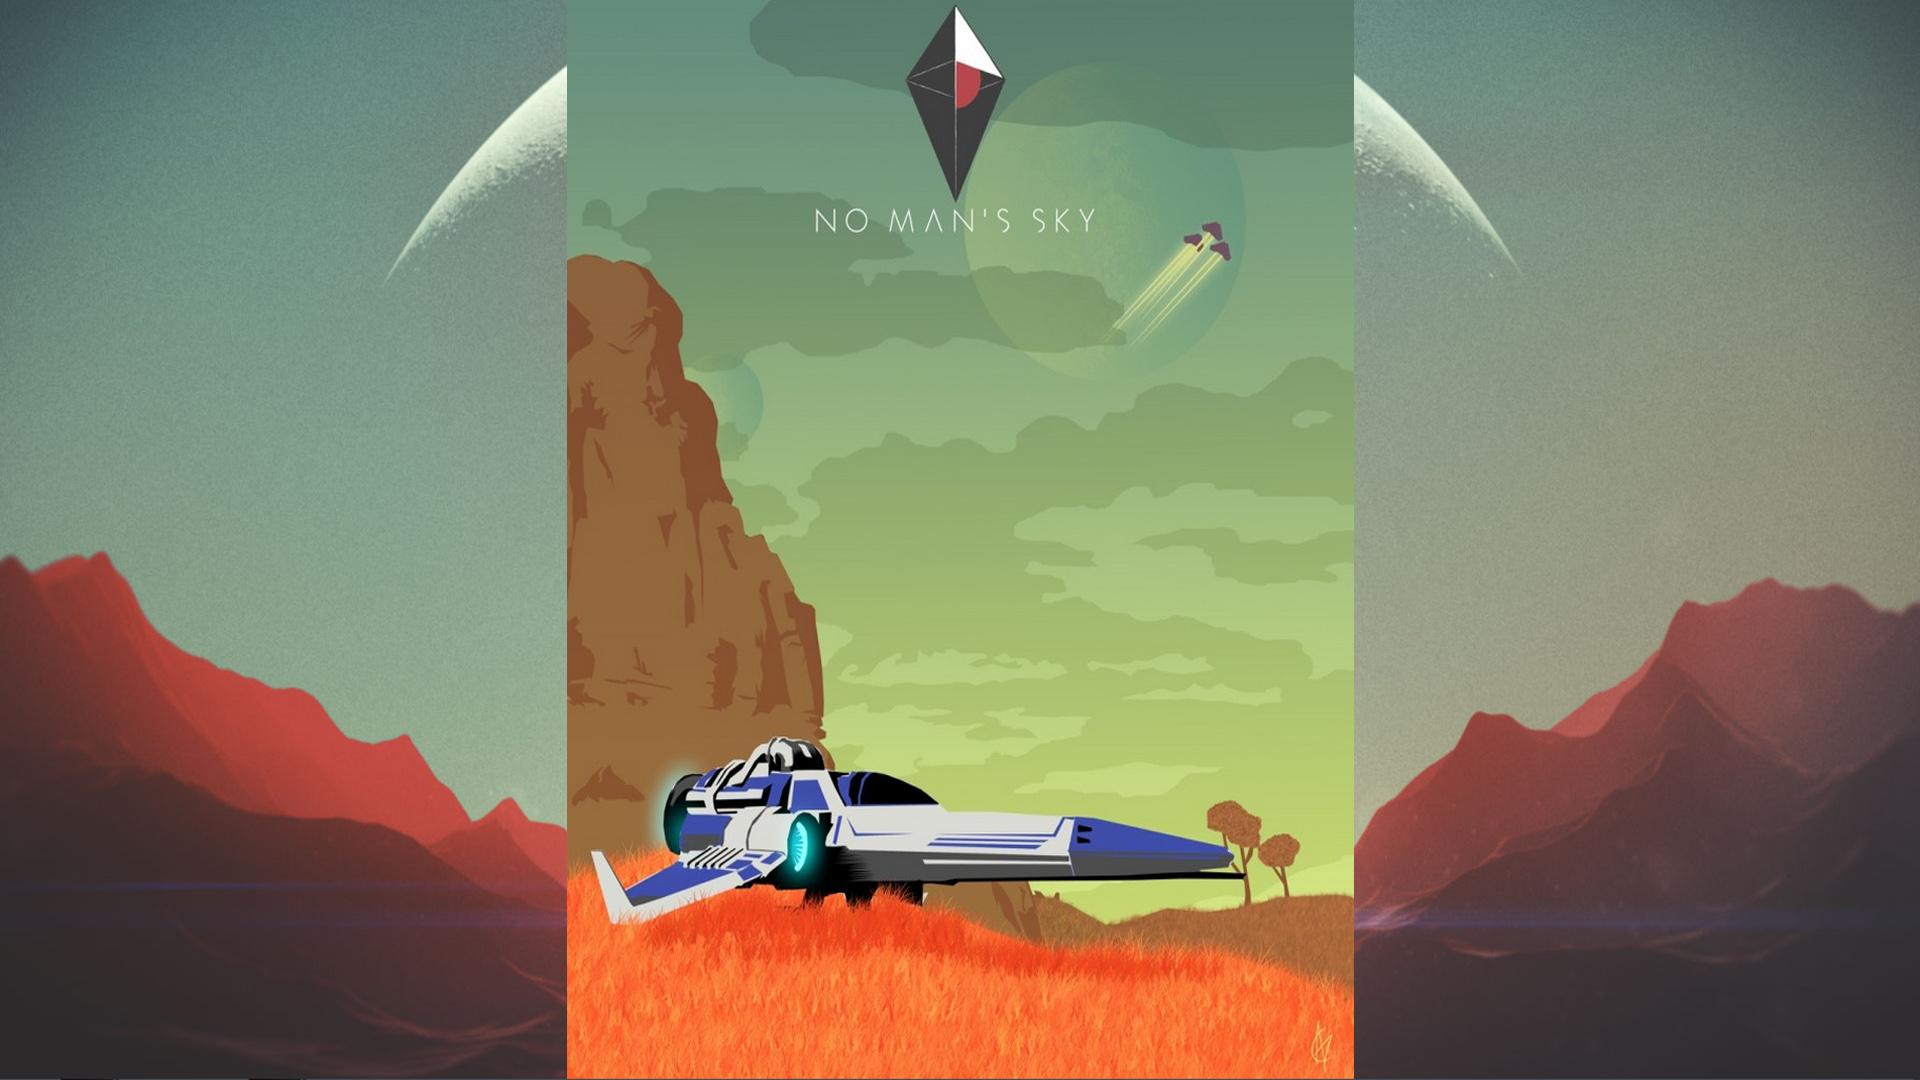 No Man S Sky 4k Wallpaper: No Man's Sky Full HD Wallpaper 1920x1080